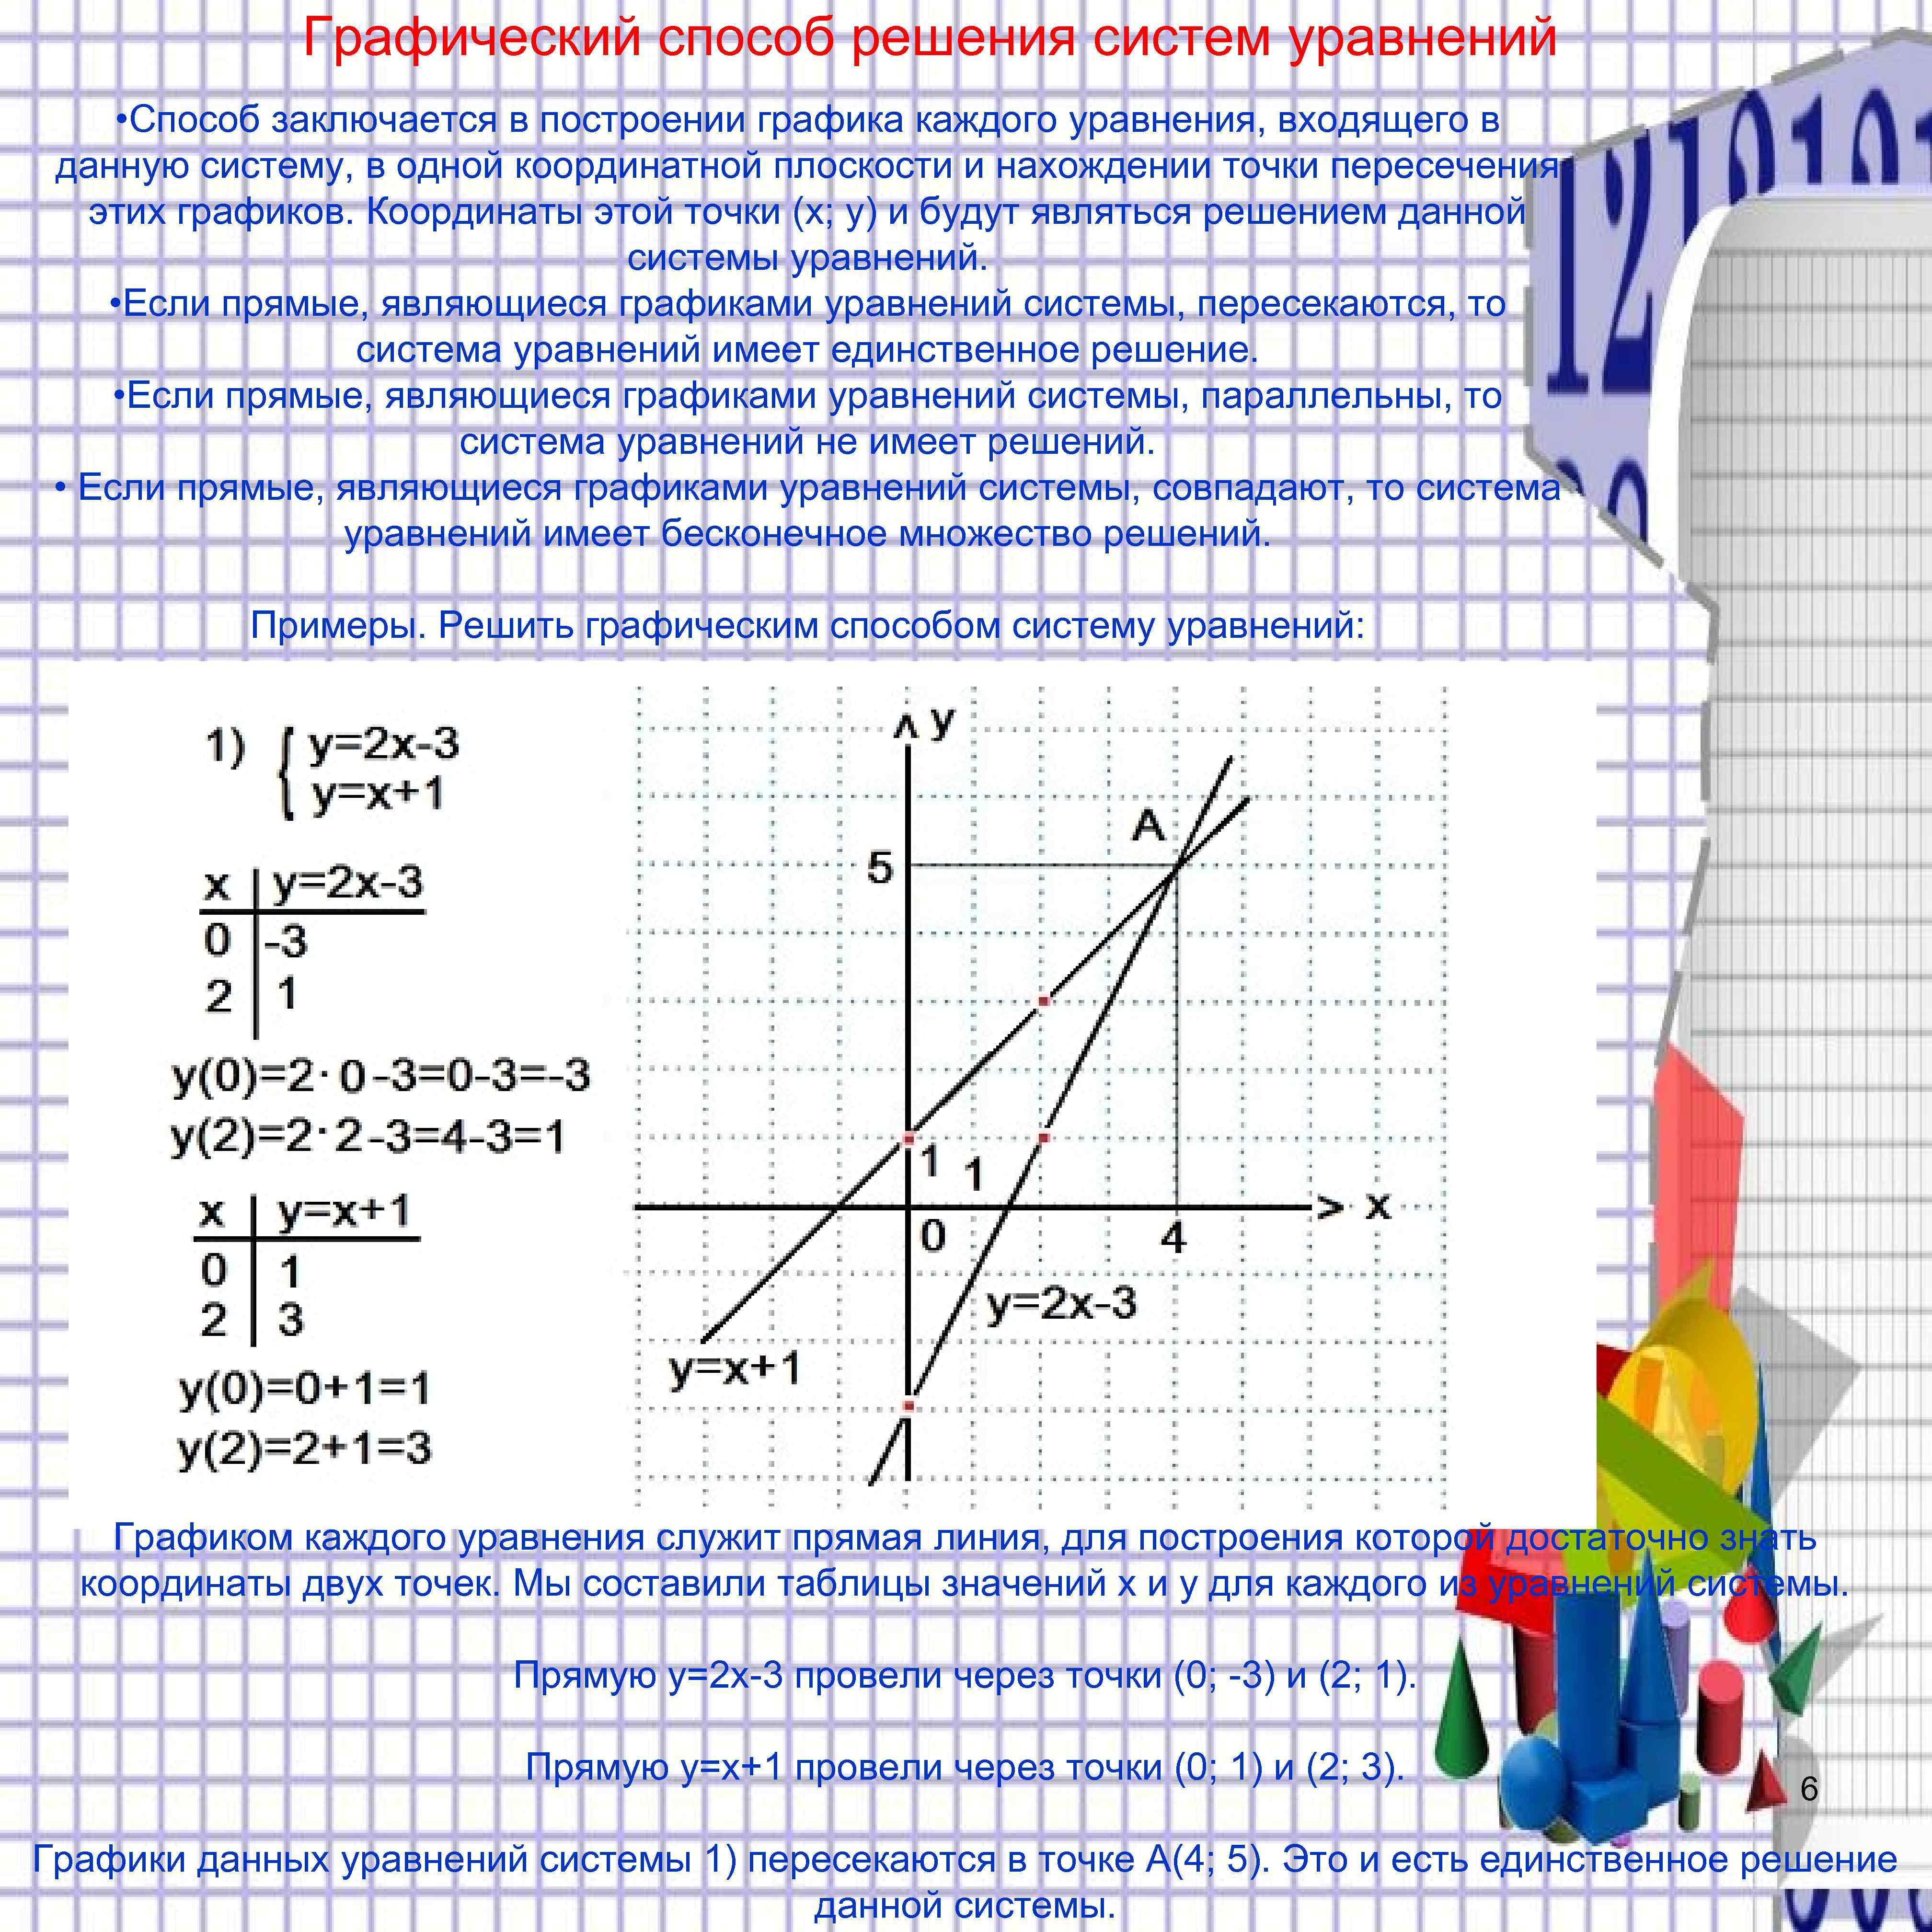 Как сделать систему уравнений графическим способом